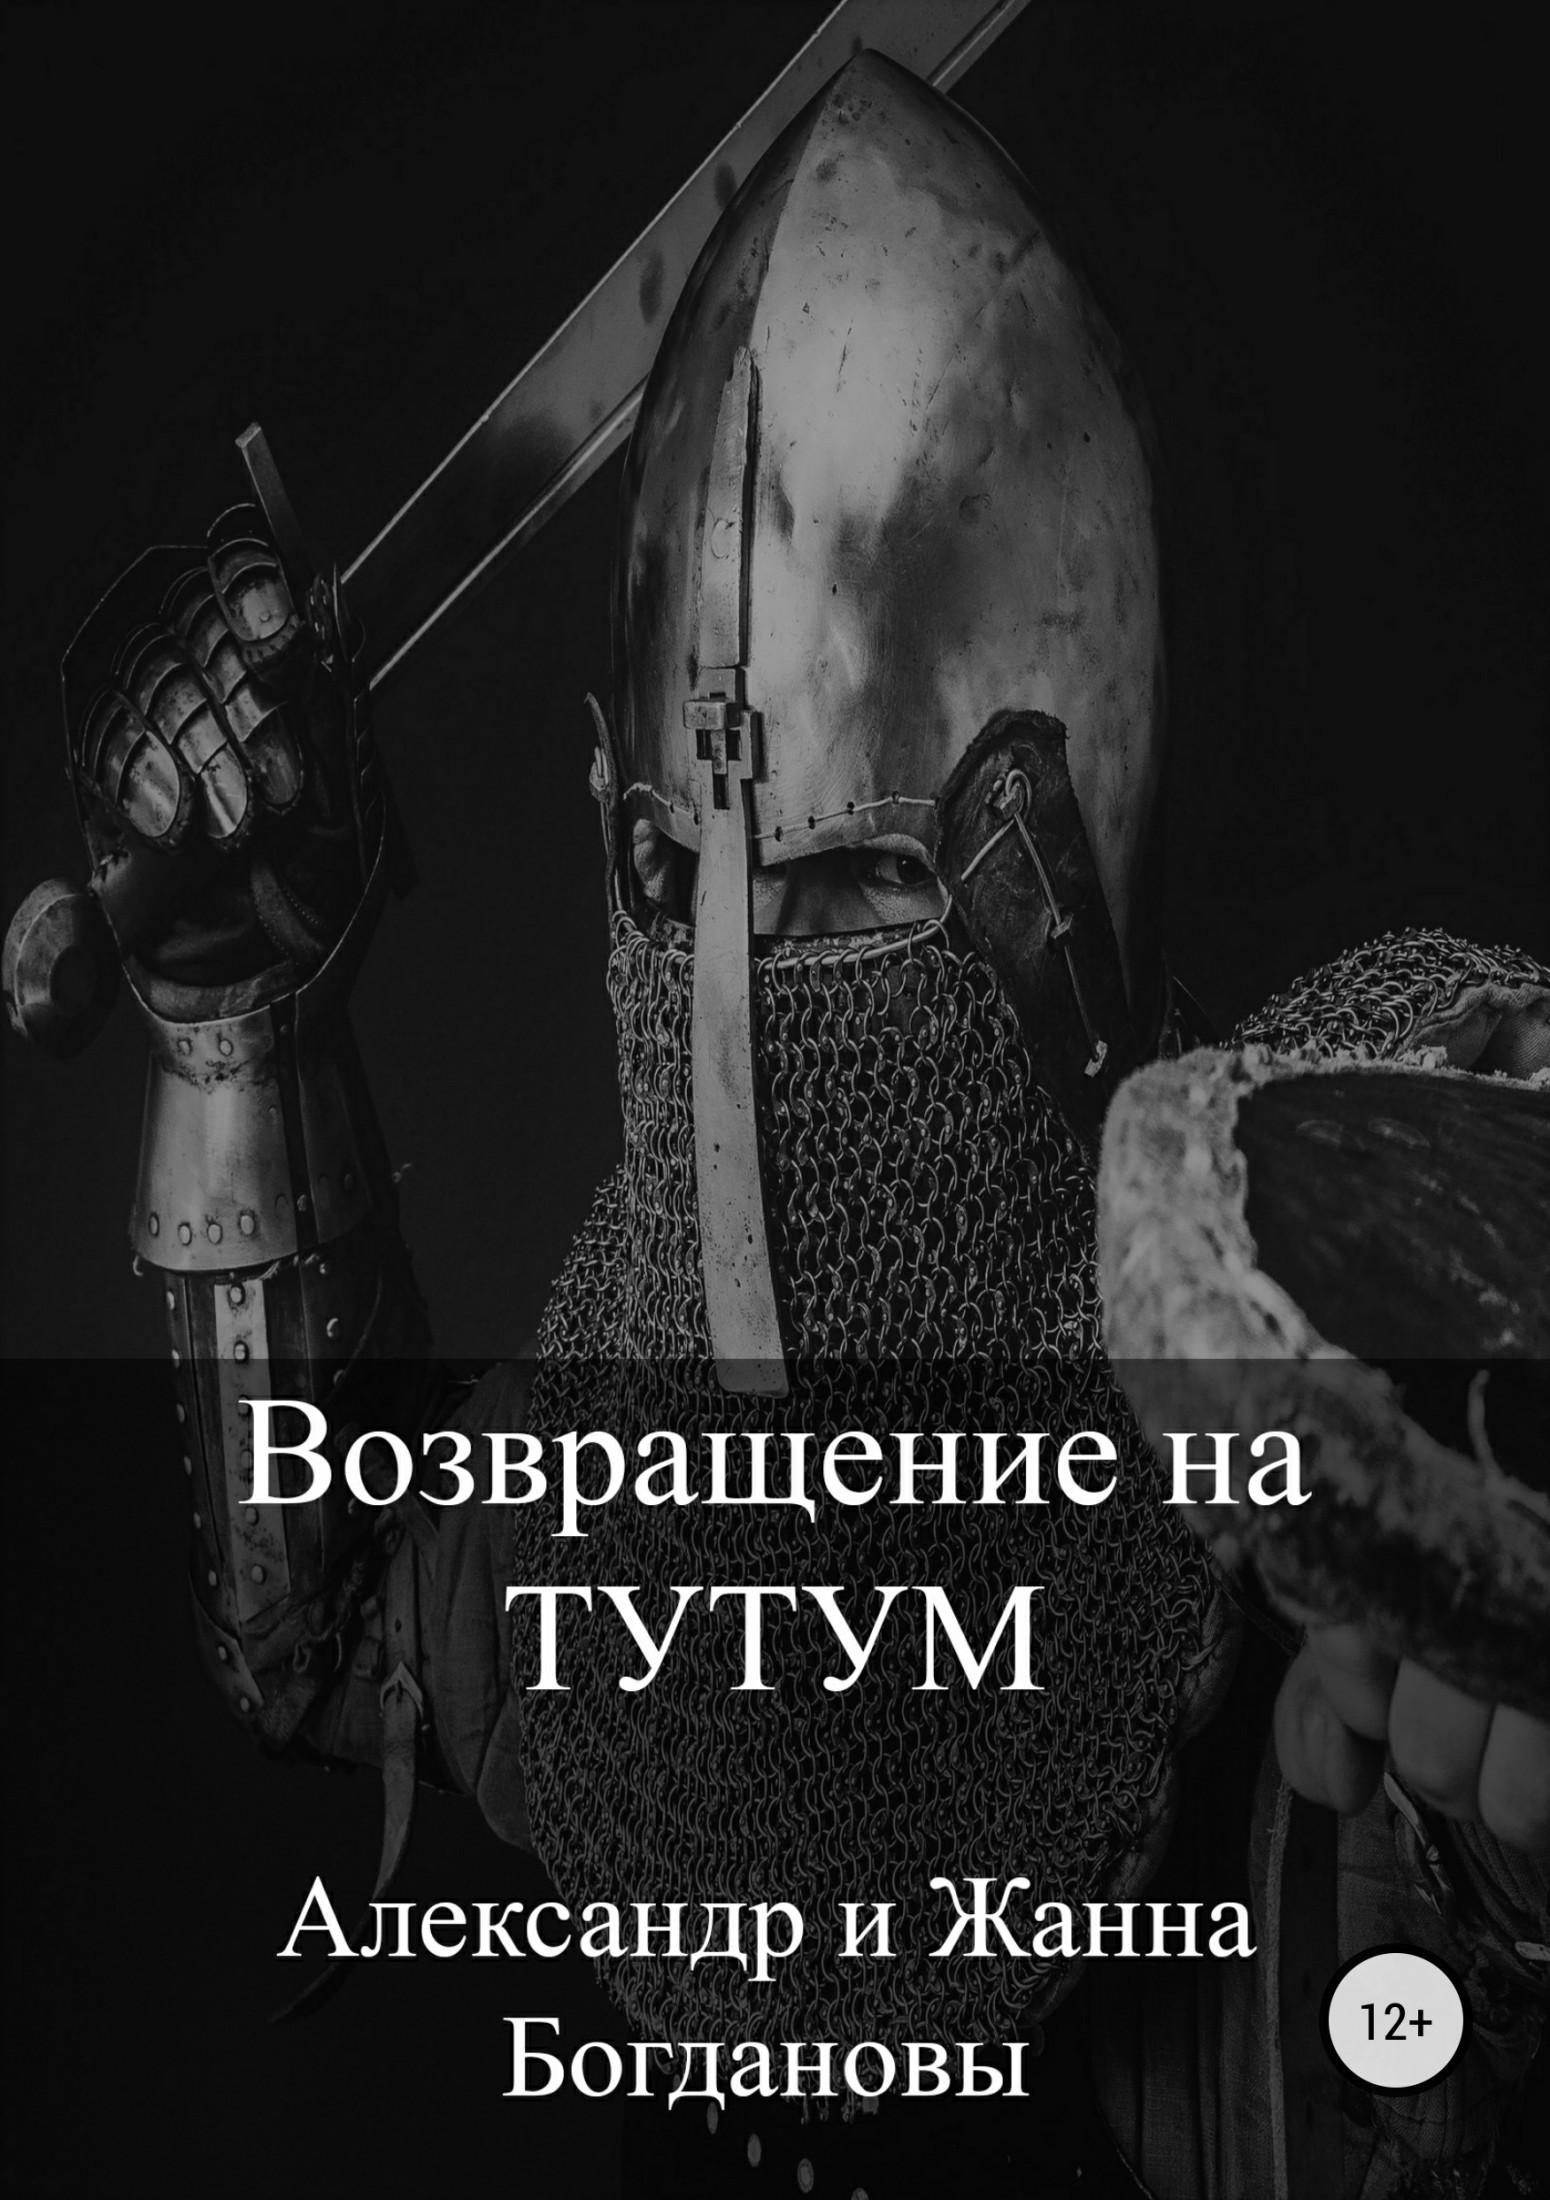 Александр и Жанна Богдановы. Возвращение на Тутум